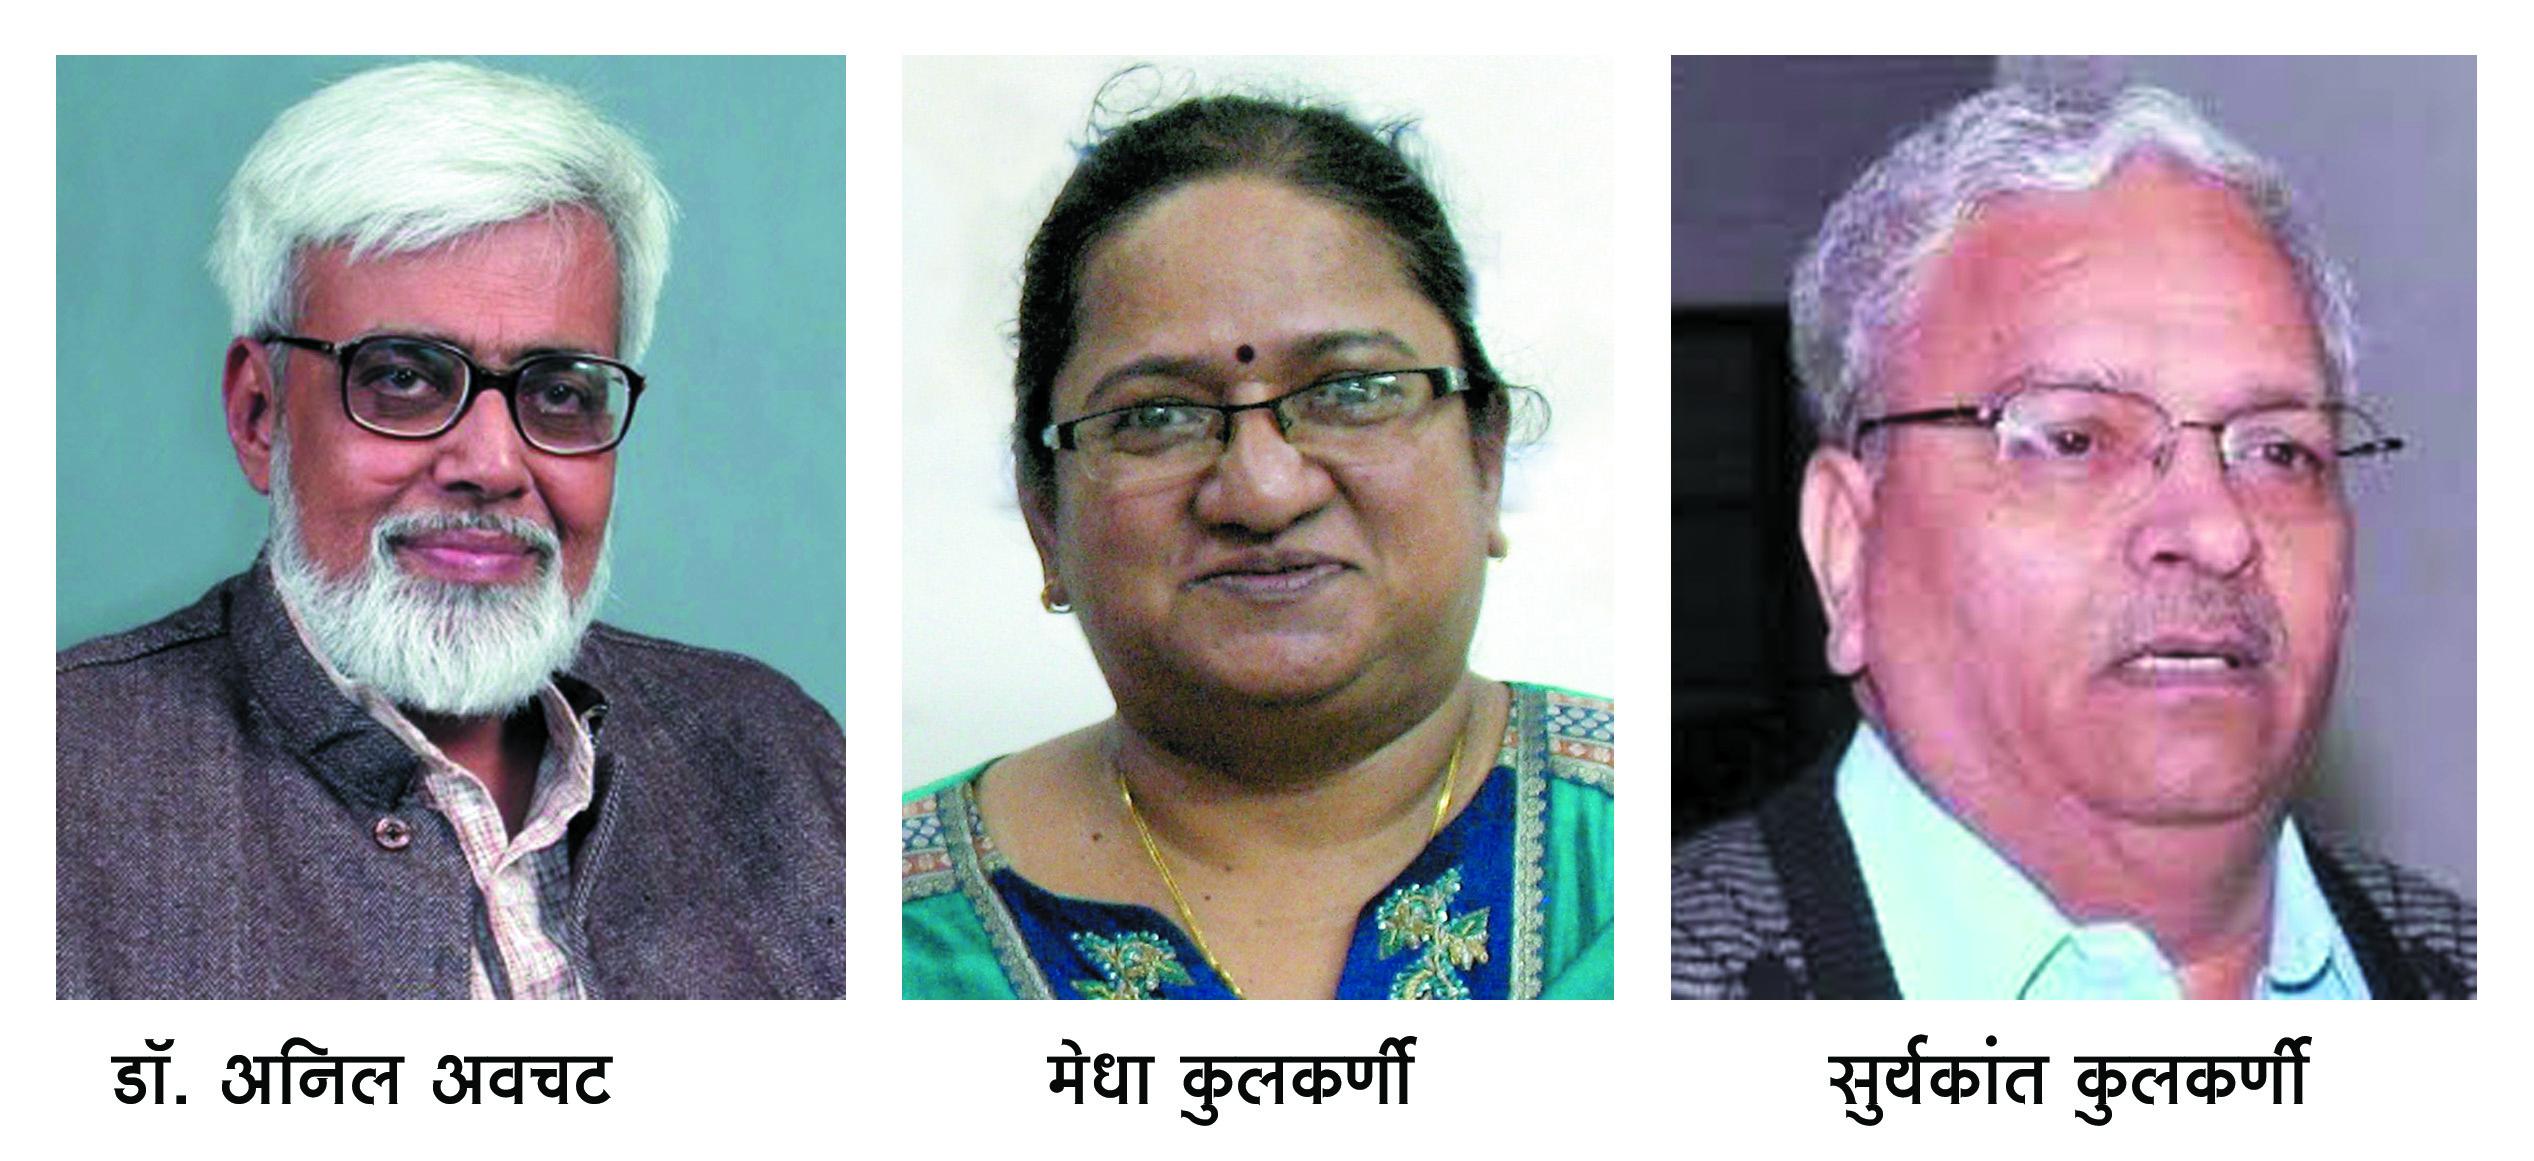 'तांबडी जोगेश्वरी'तर्फे ग्रामदेवता पुरस्कार-